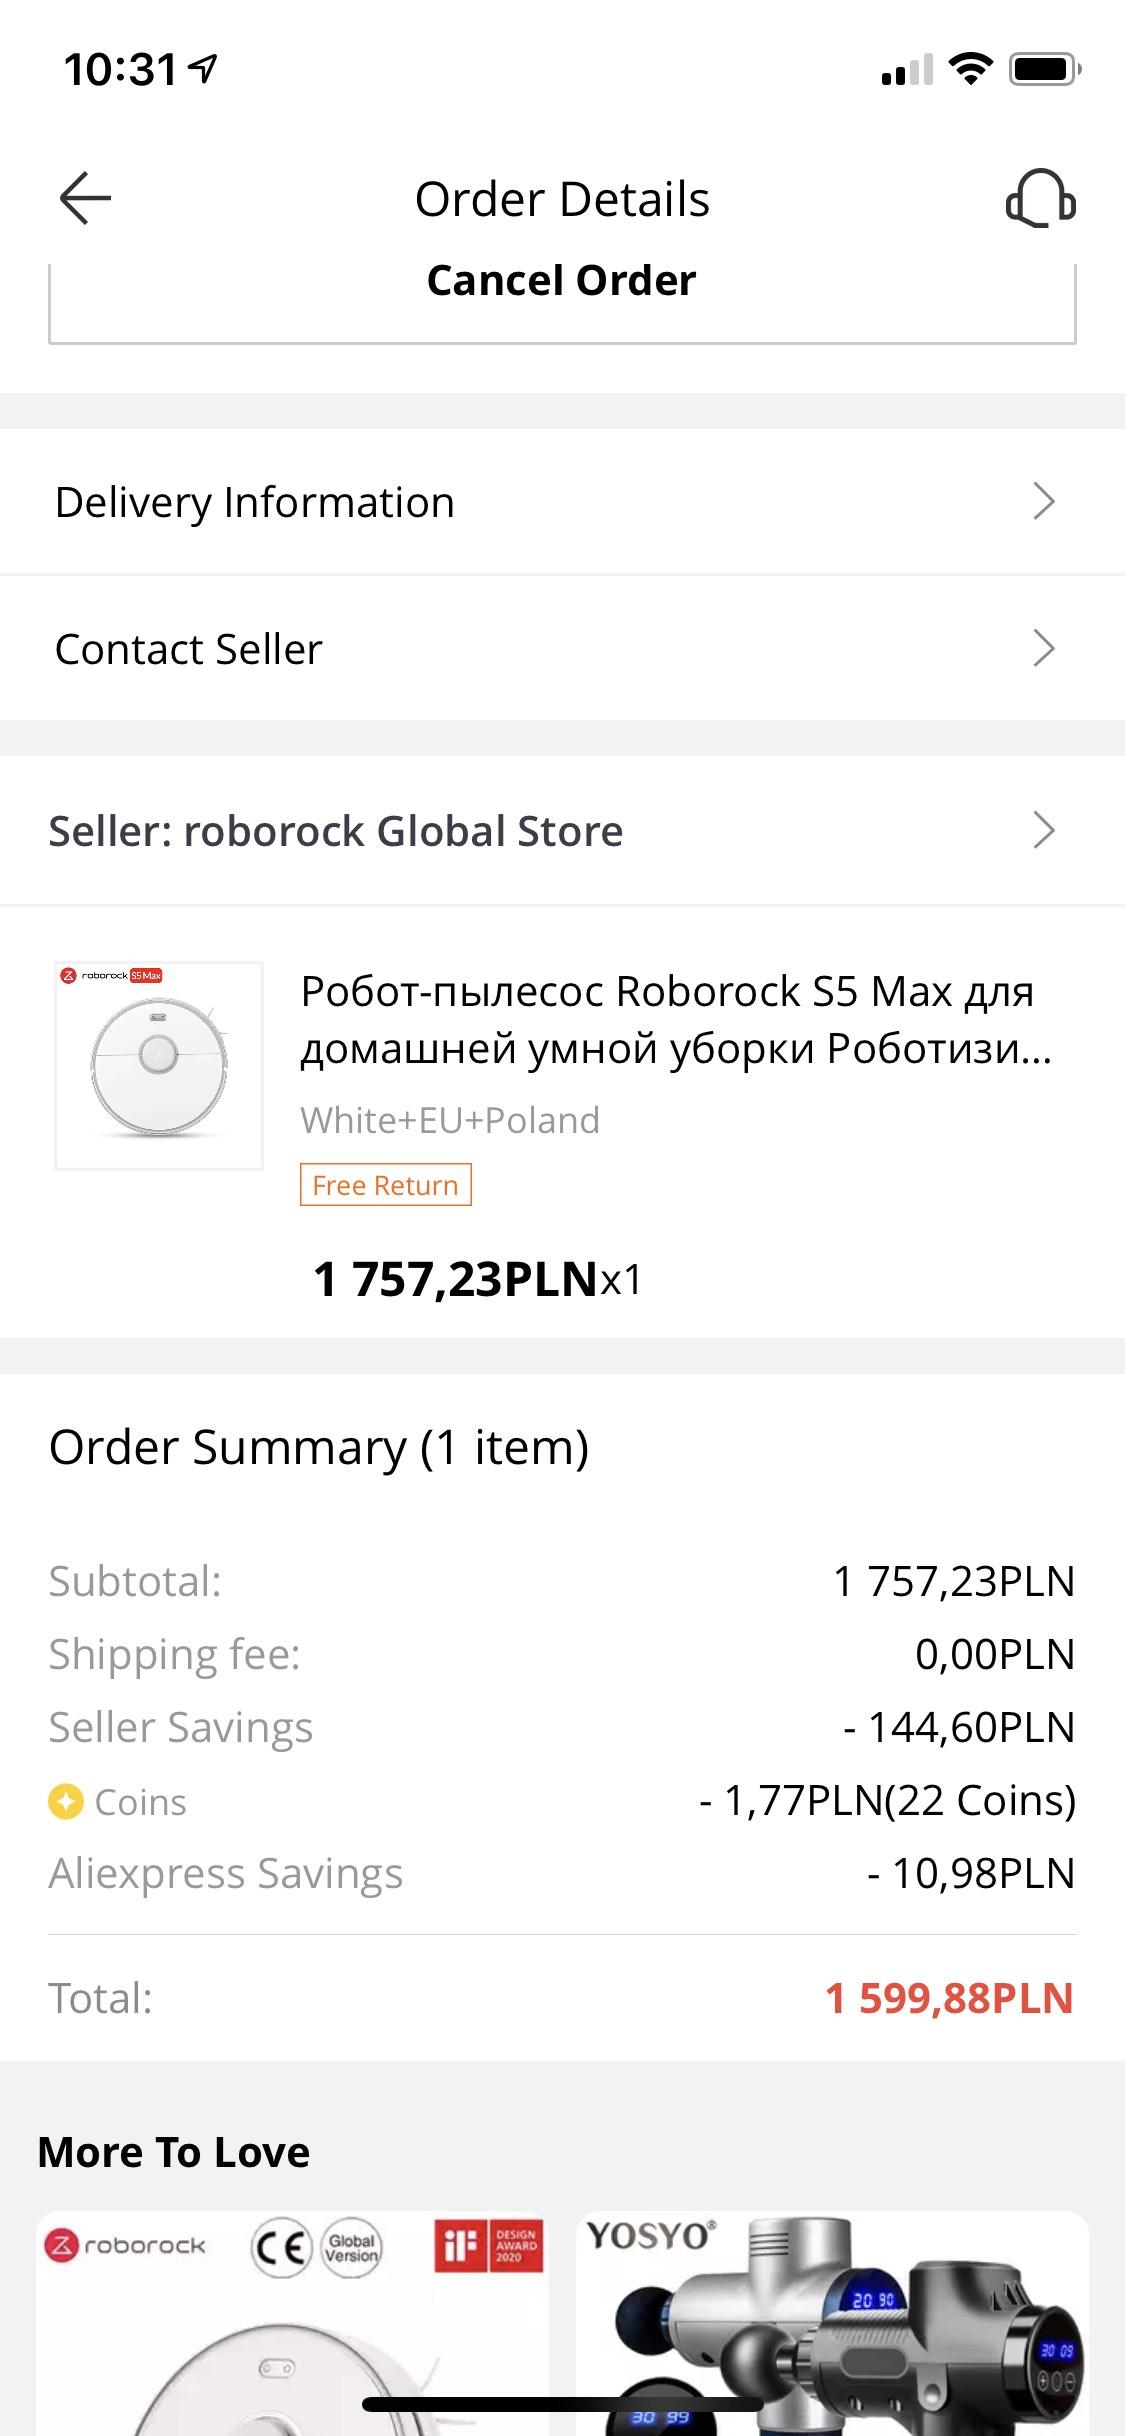 Roborock s5 max z wysyłka z polski i 3 lata gwarancji